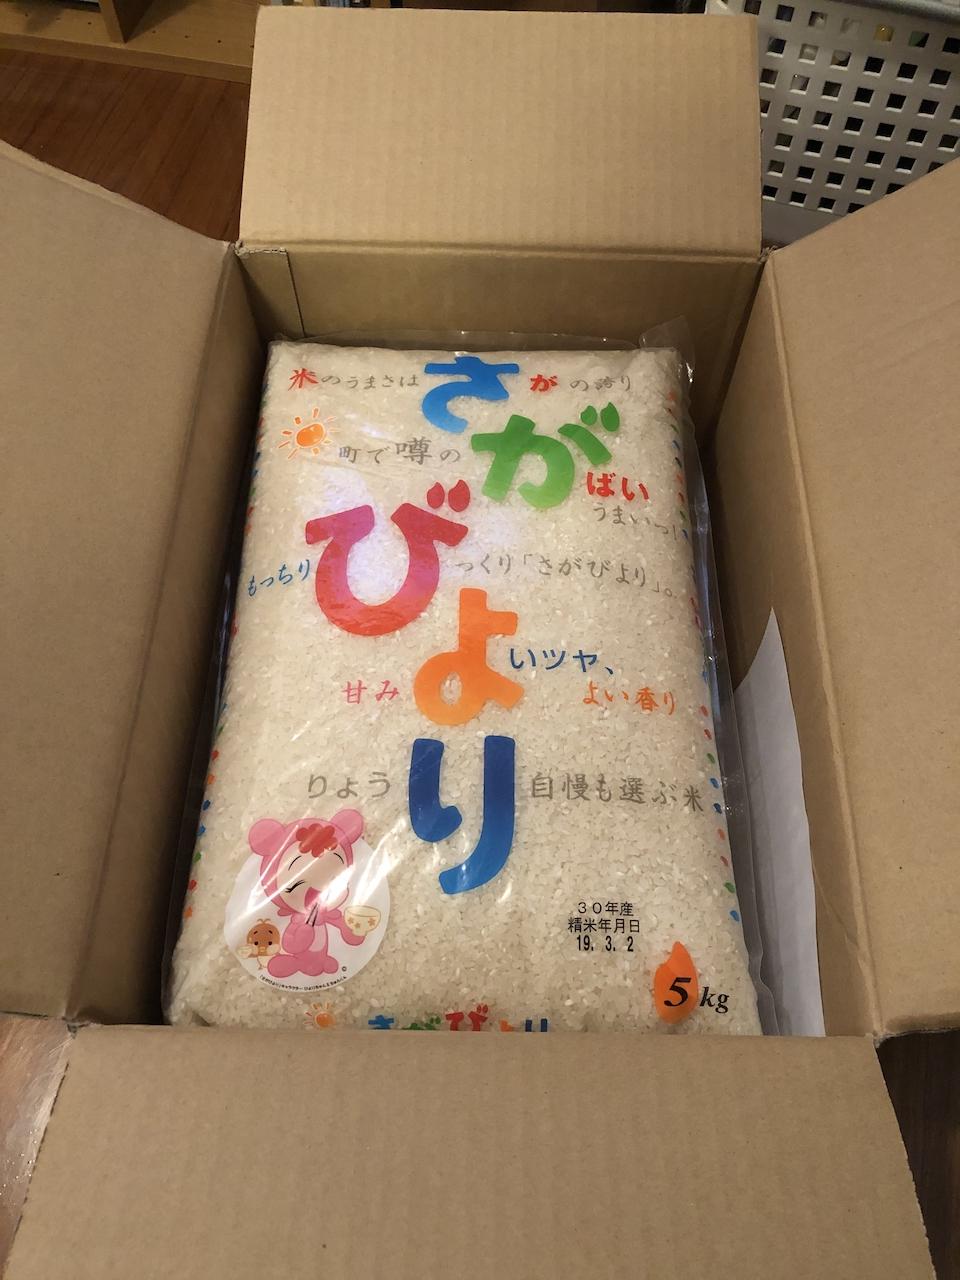 ふるさと納税で佐賀県武雄市のお米15kgをいただきました!